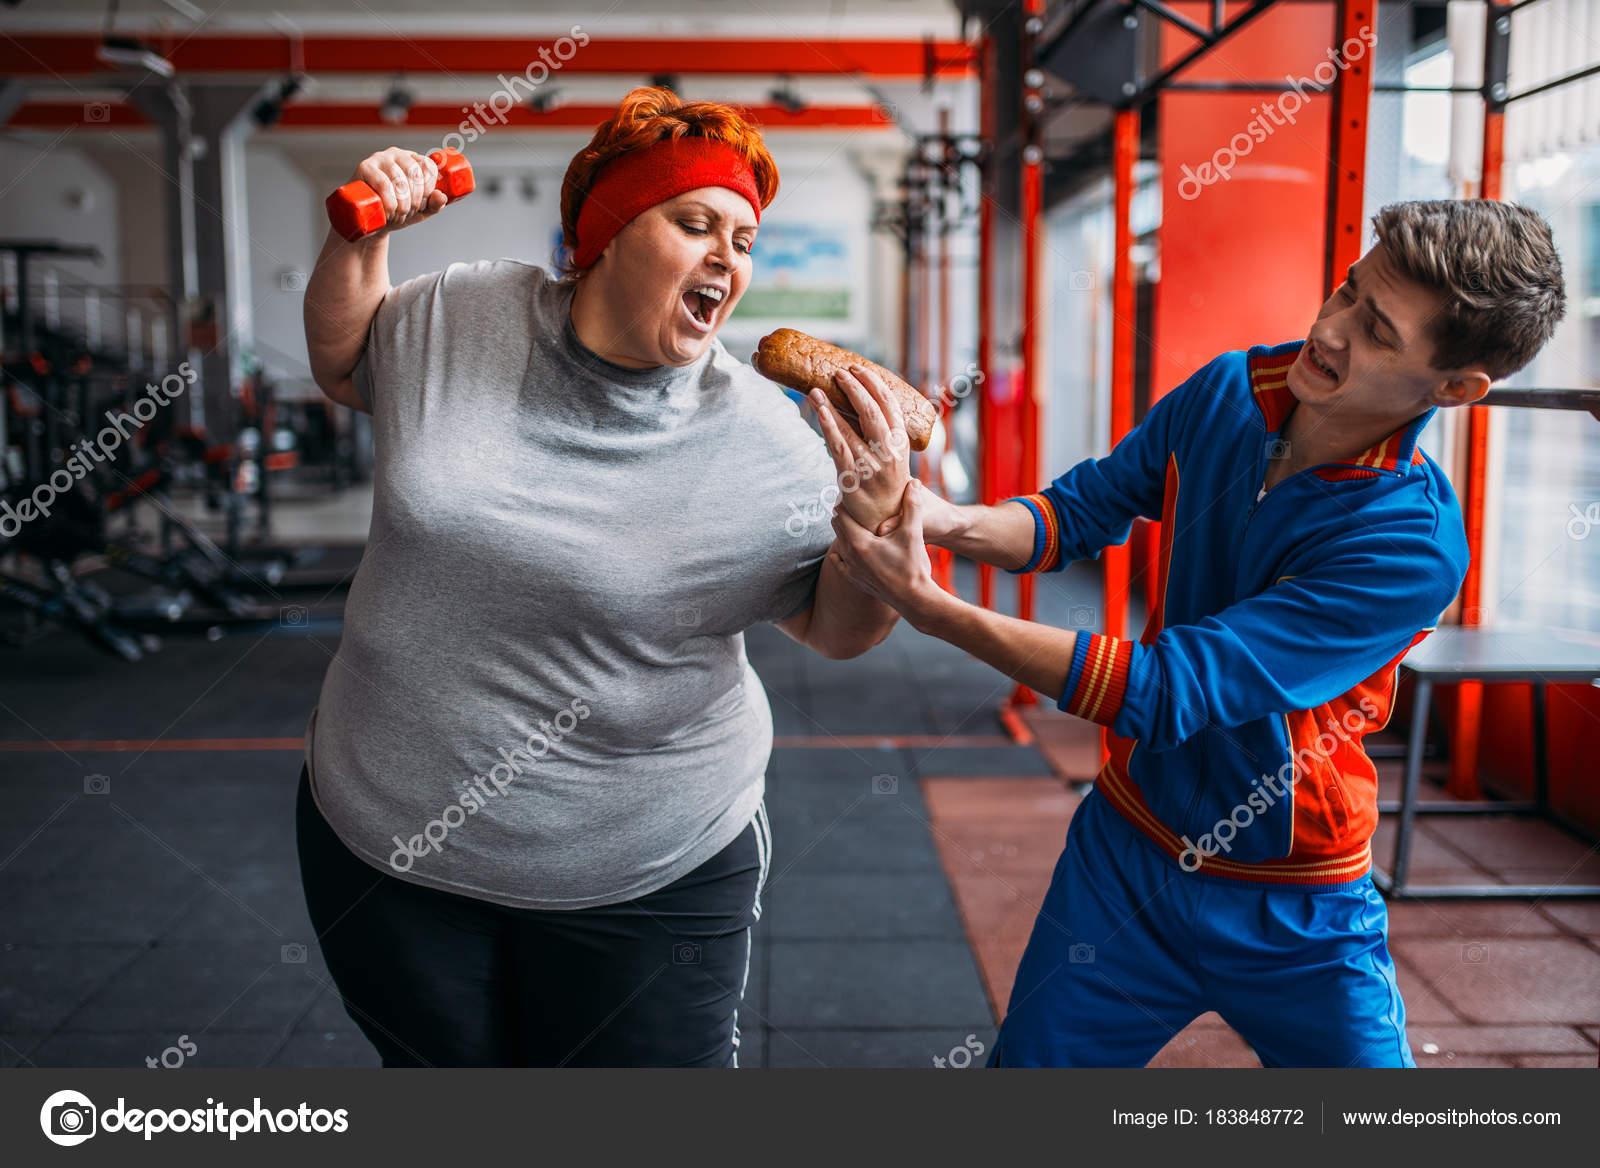 Танцует райли толстая женщина и худой парень фото зрелые англия большим